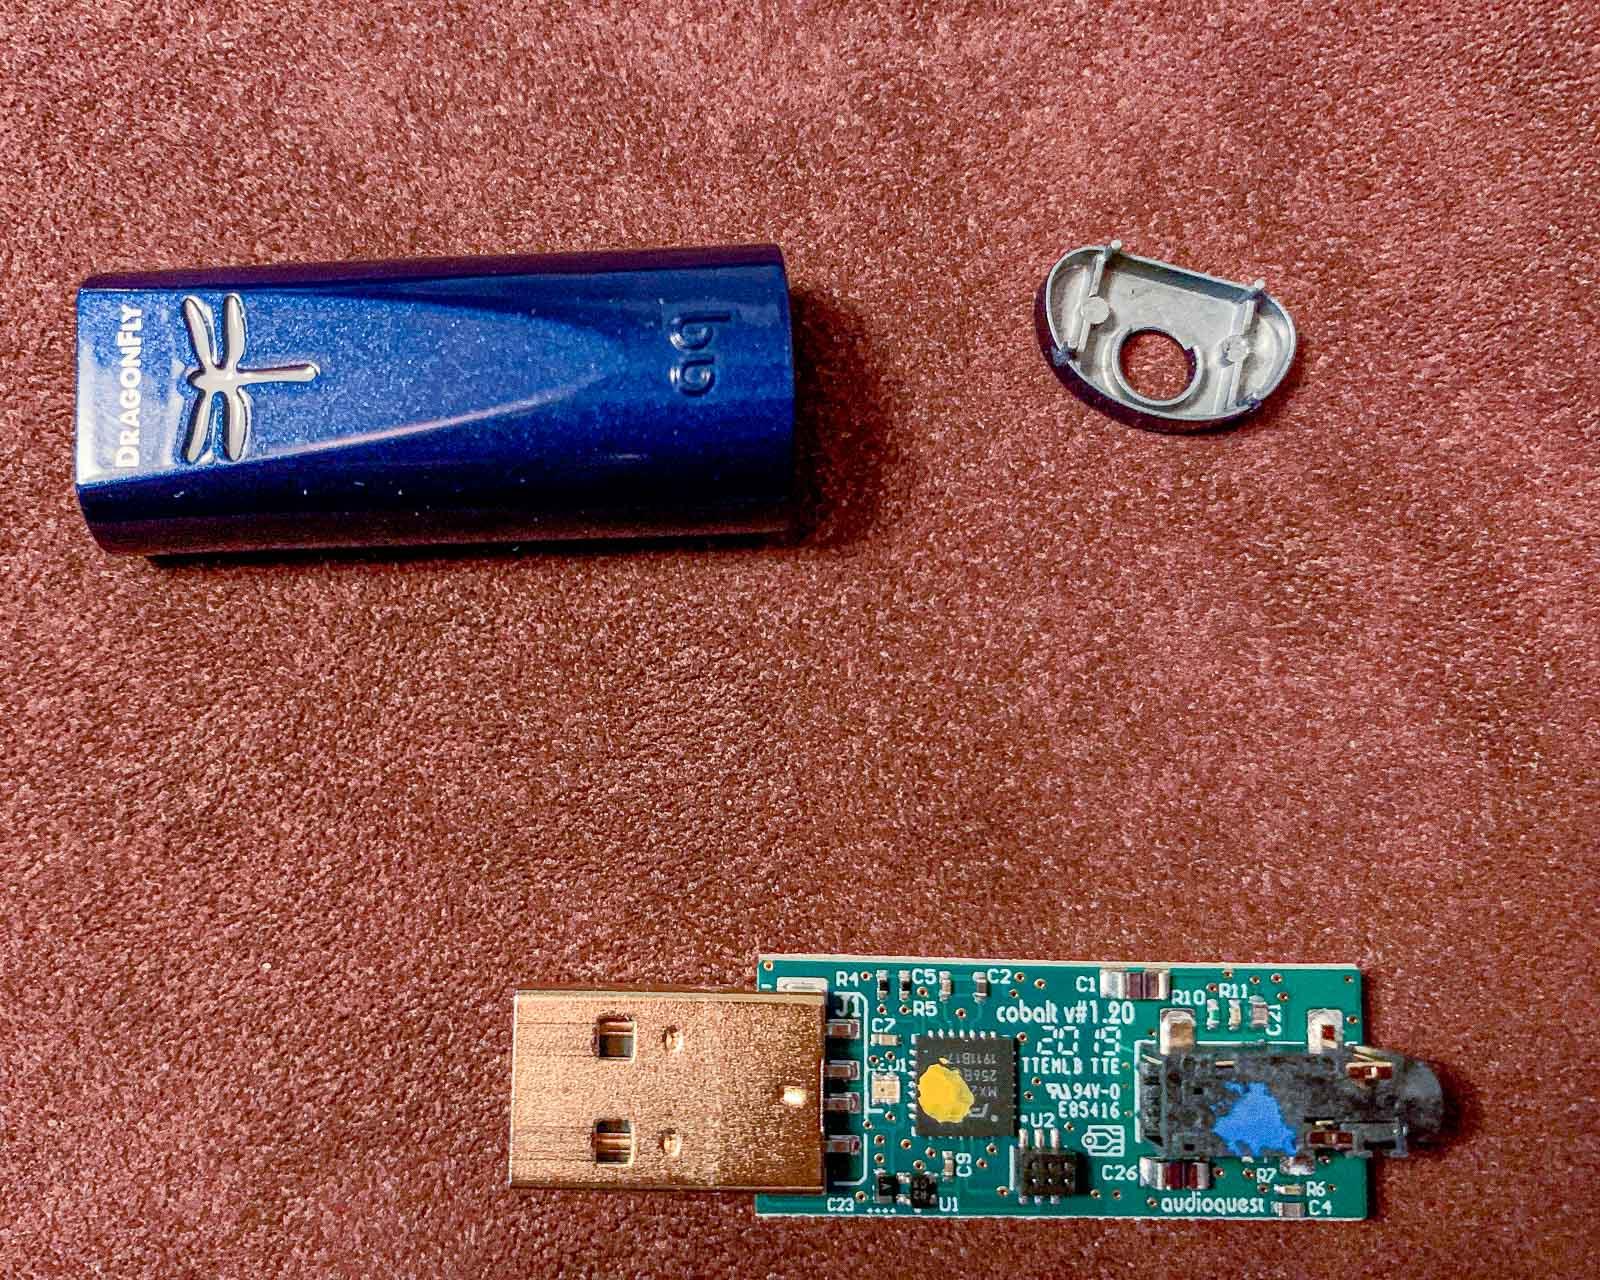 Dragonfly Cobalt Dissasembled.jpg